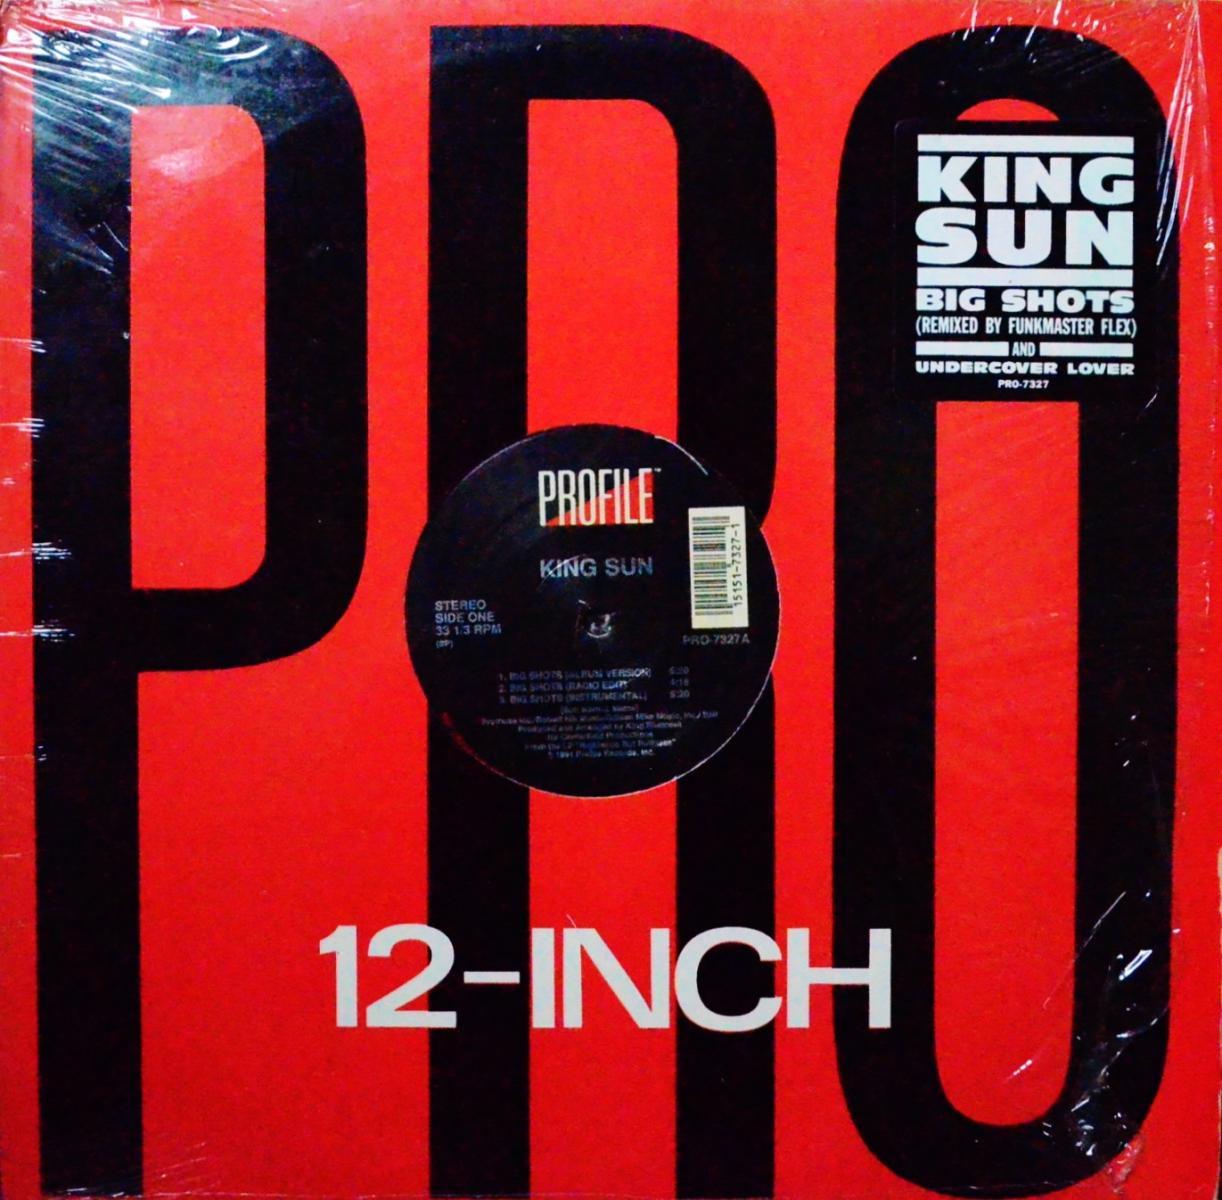 KING SUN / BIG SHOTS (12